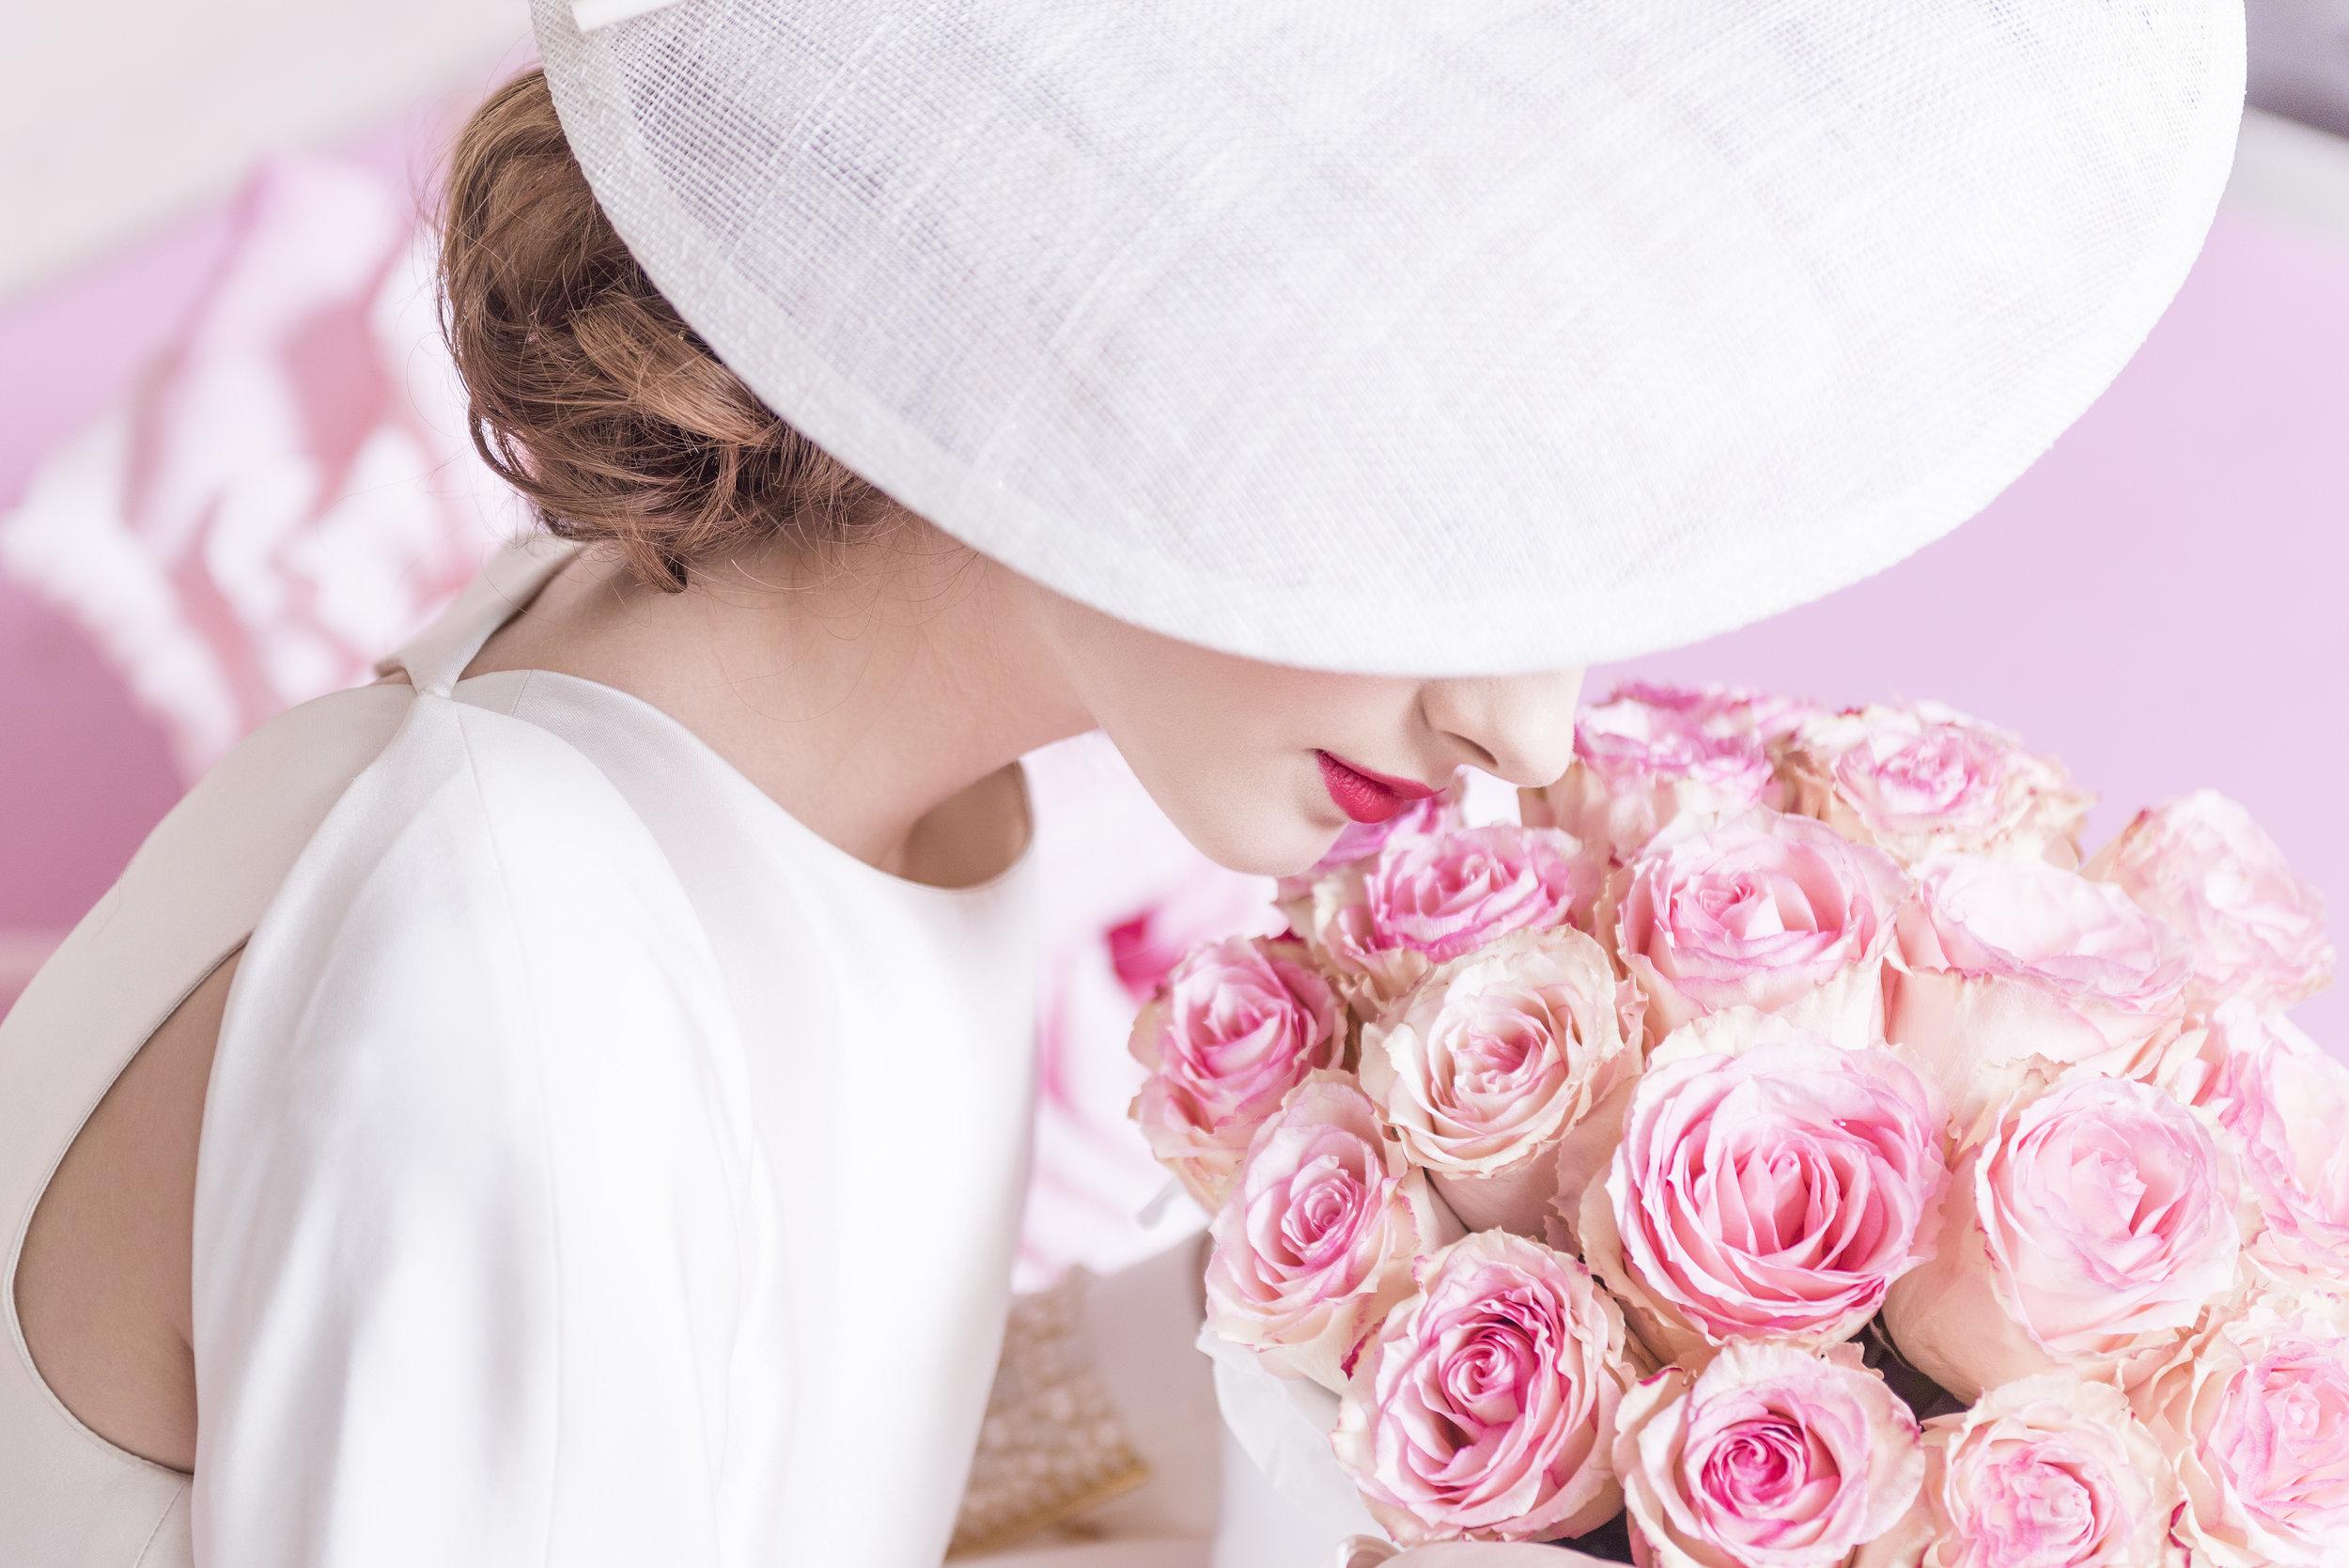 August In Bloom - Vintage bride - Dior Darling (Wedluxe)